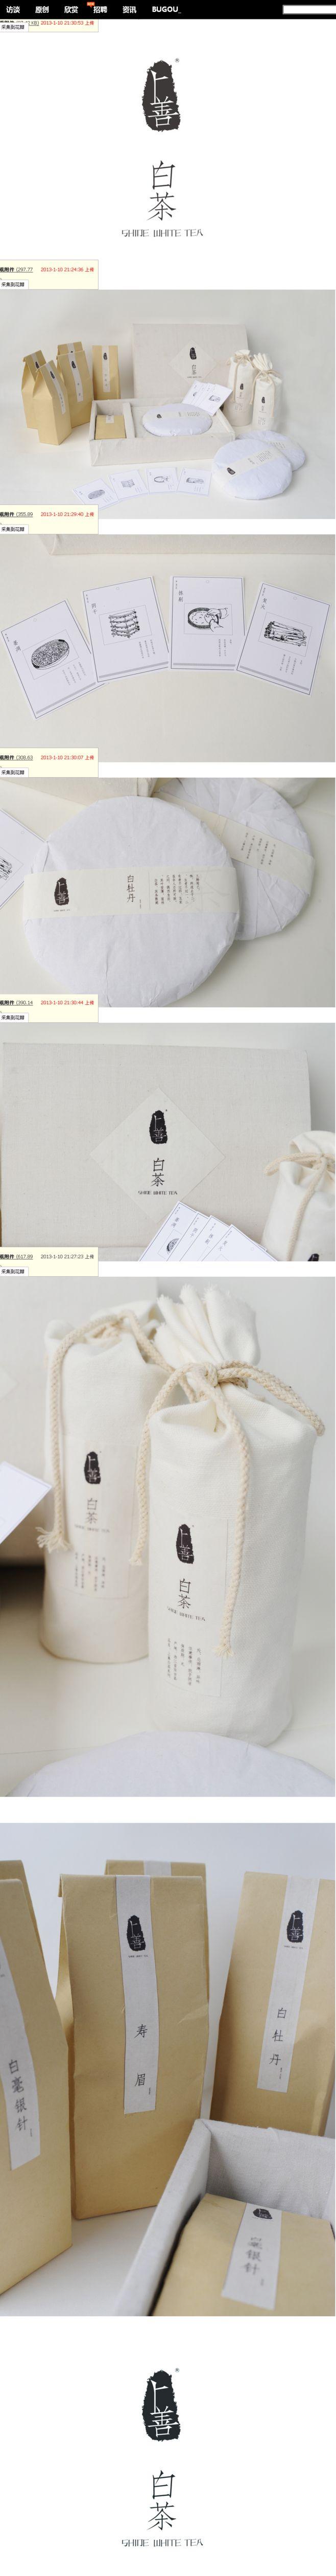 上茶包装-设计青年 so simple so beautiful PD